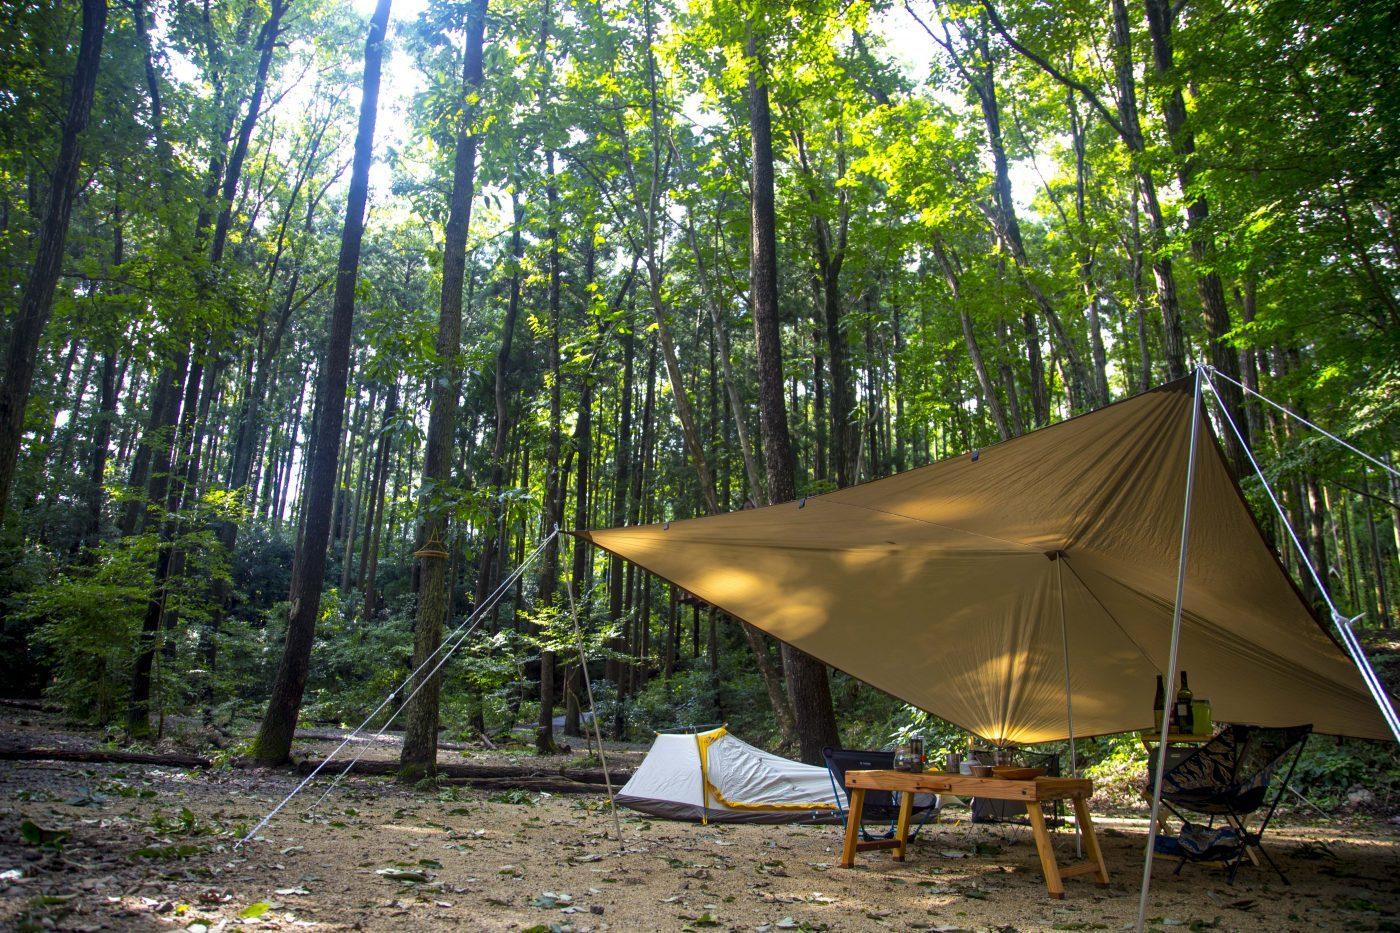 kokazeのウッドテーブルはキャンプにぴったり